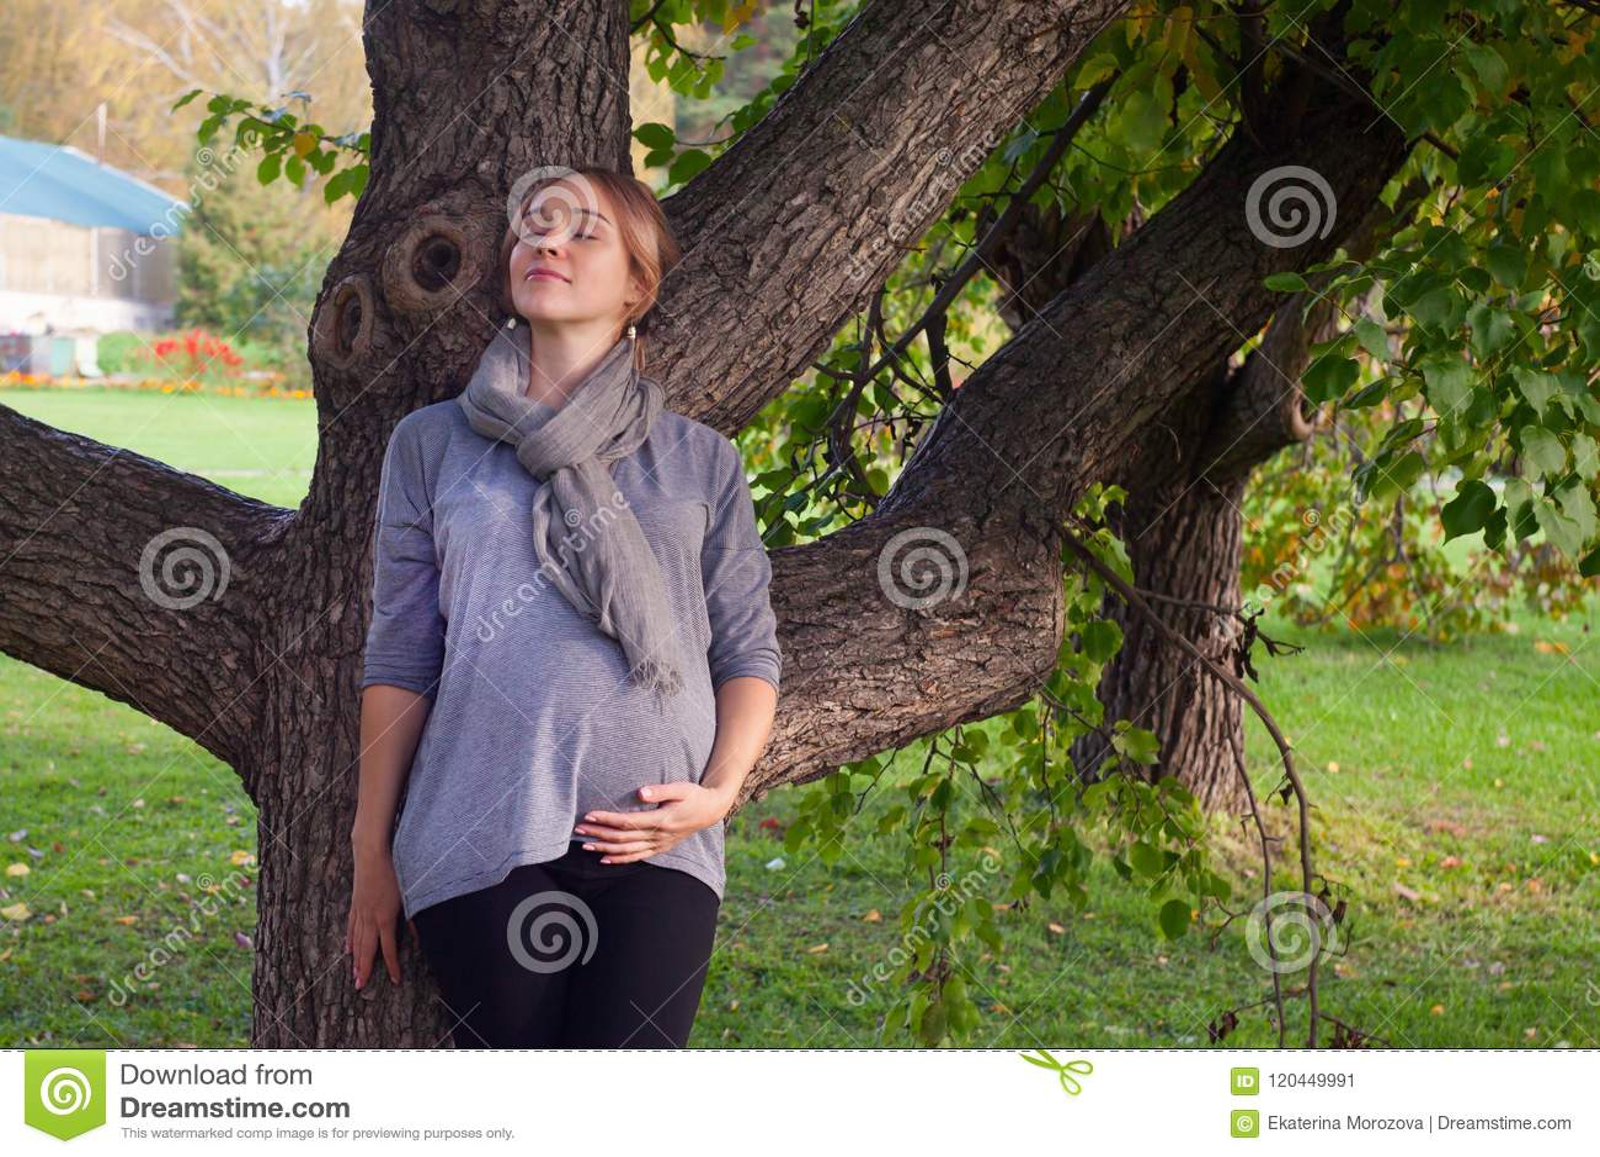 La cara femenina, primer cerrado de los ojos, mujer embarazada de A que se colocaba solamente en el parque, ojos de la melancolía